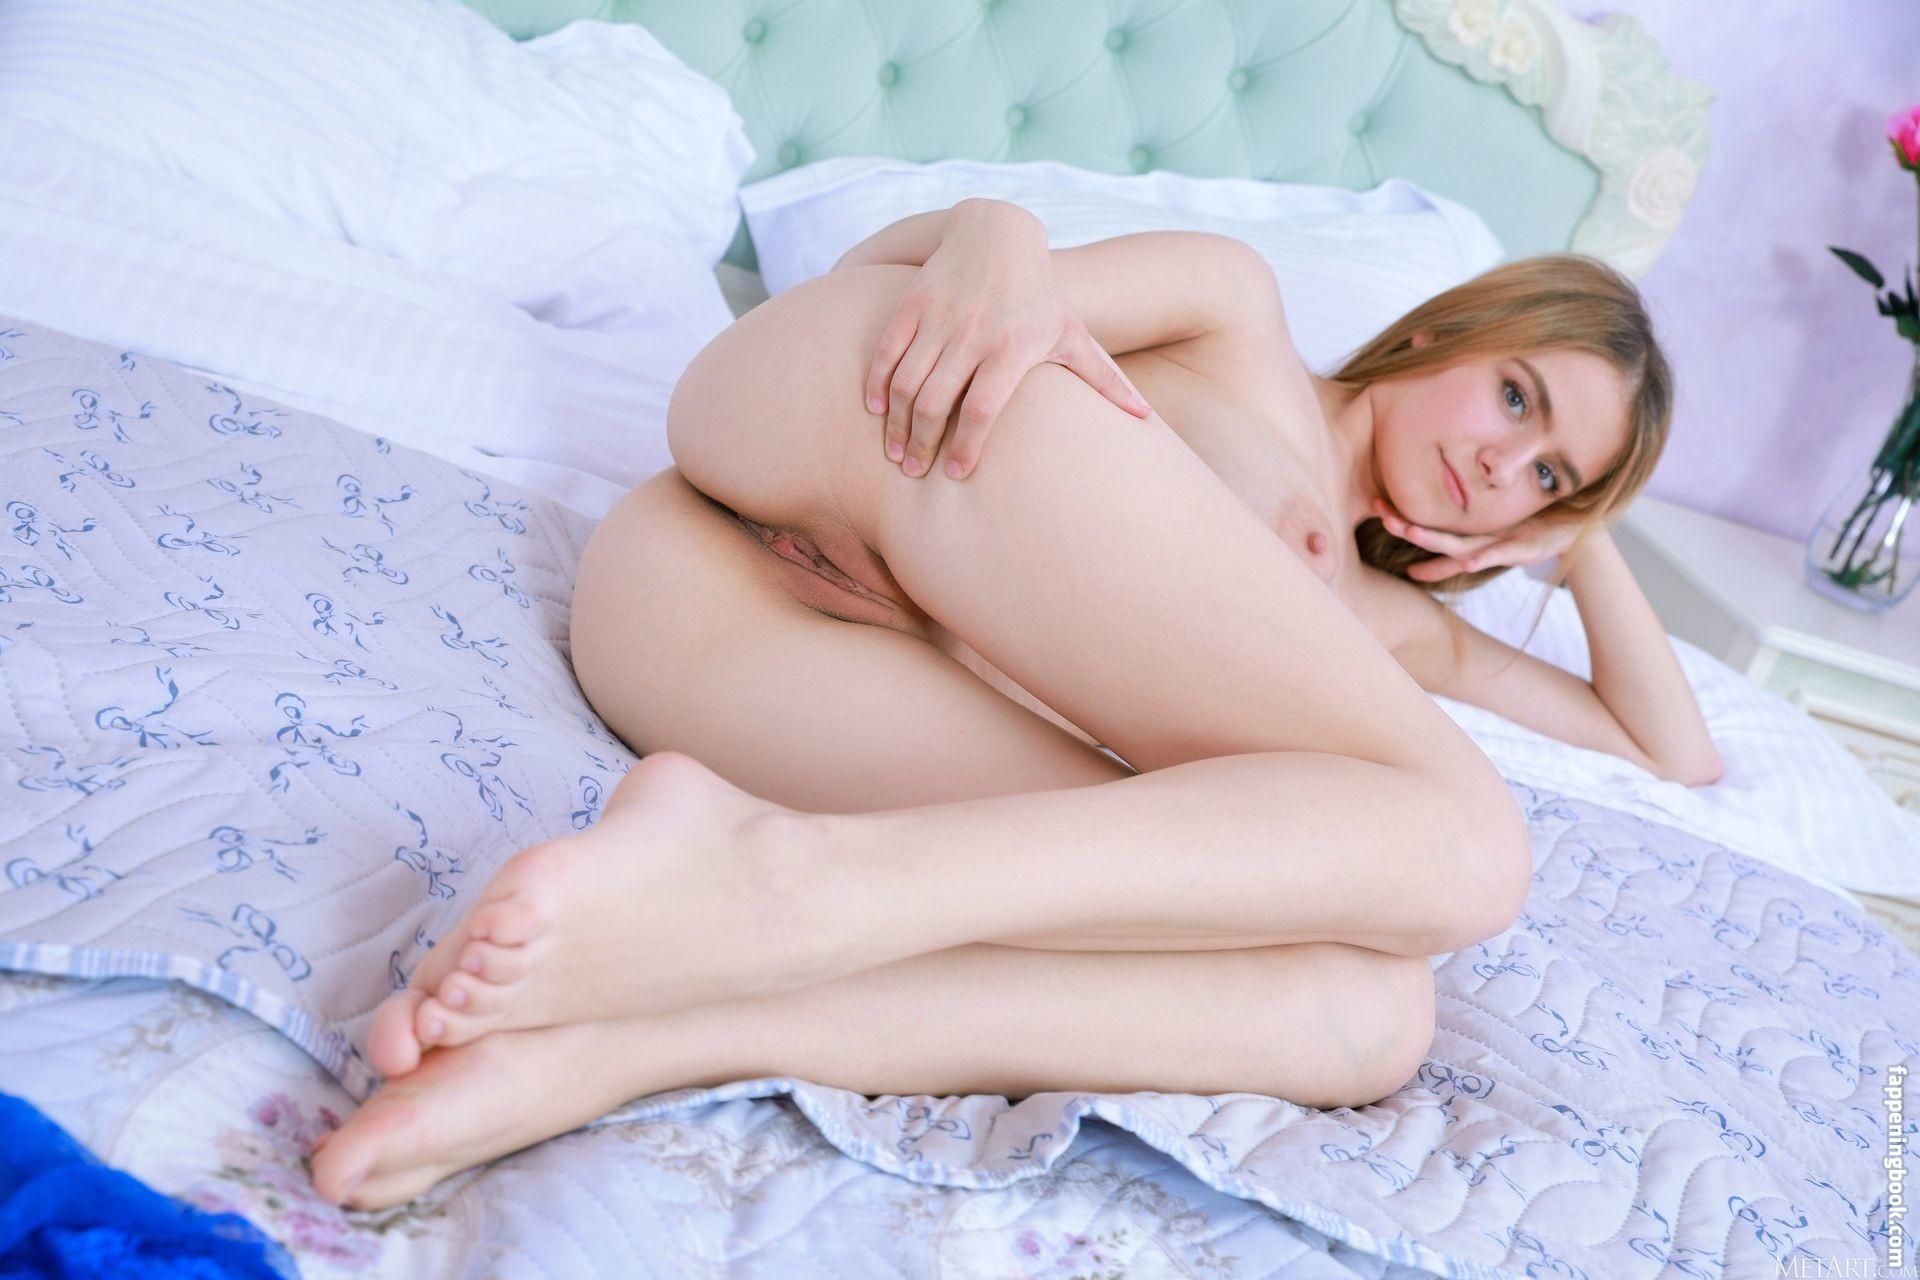 Dakota Pink Nude